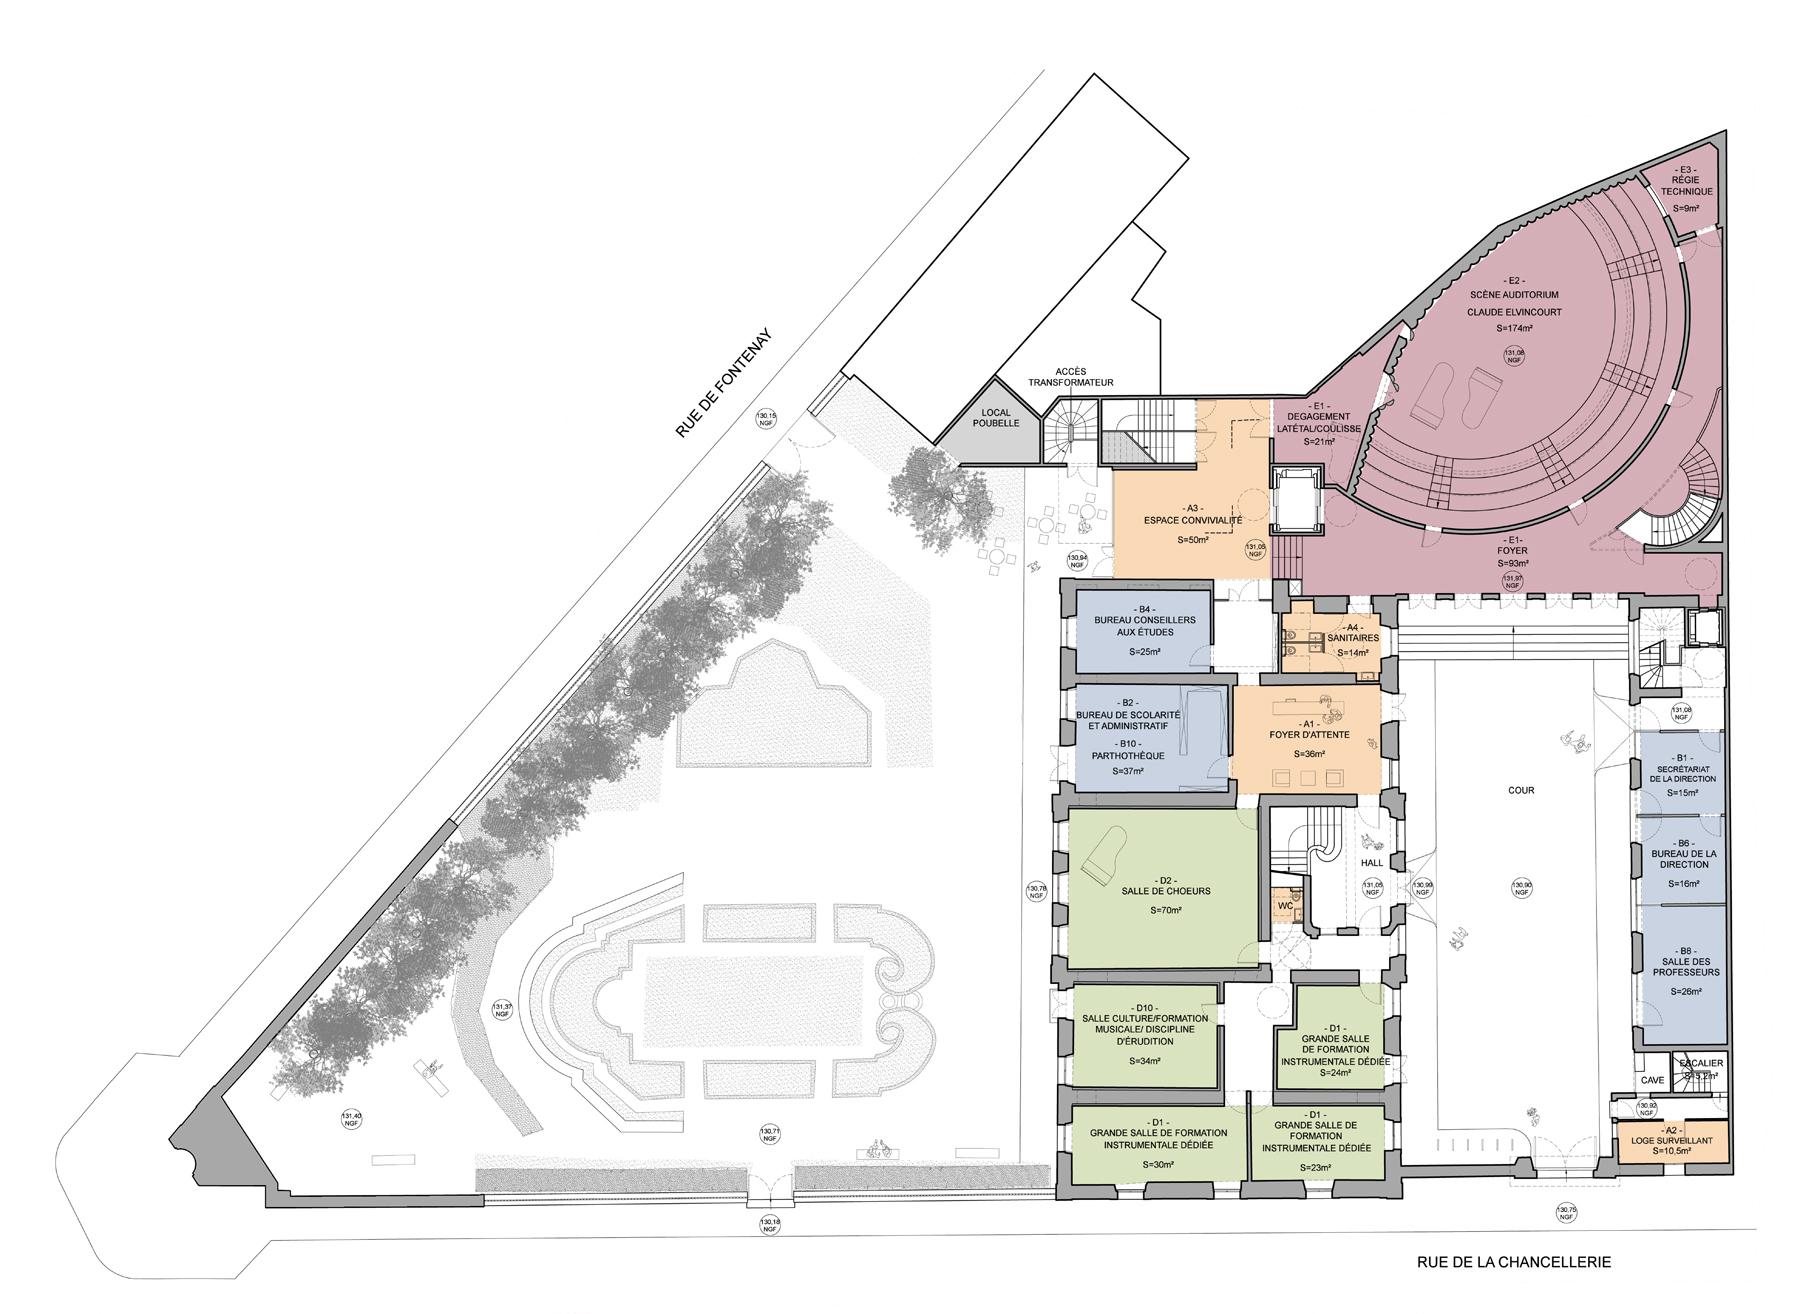 Conservatoire rayonnement r gional de versailles dda for Architecte des batiments de france versailles